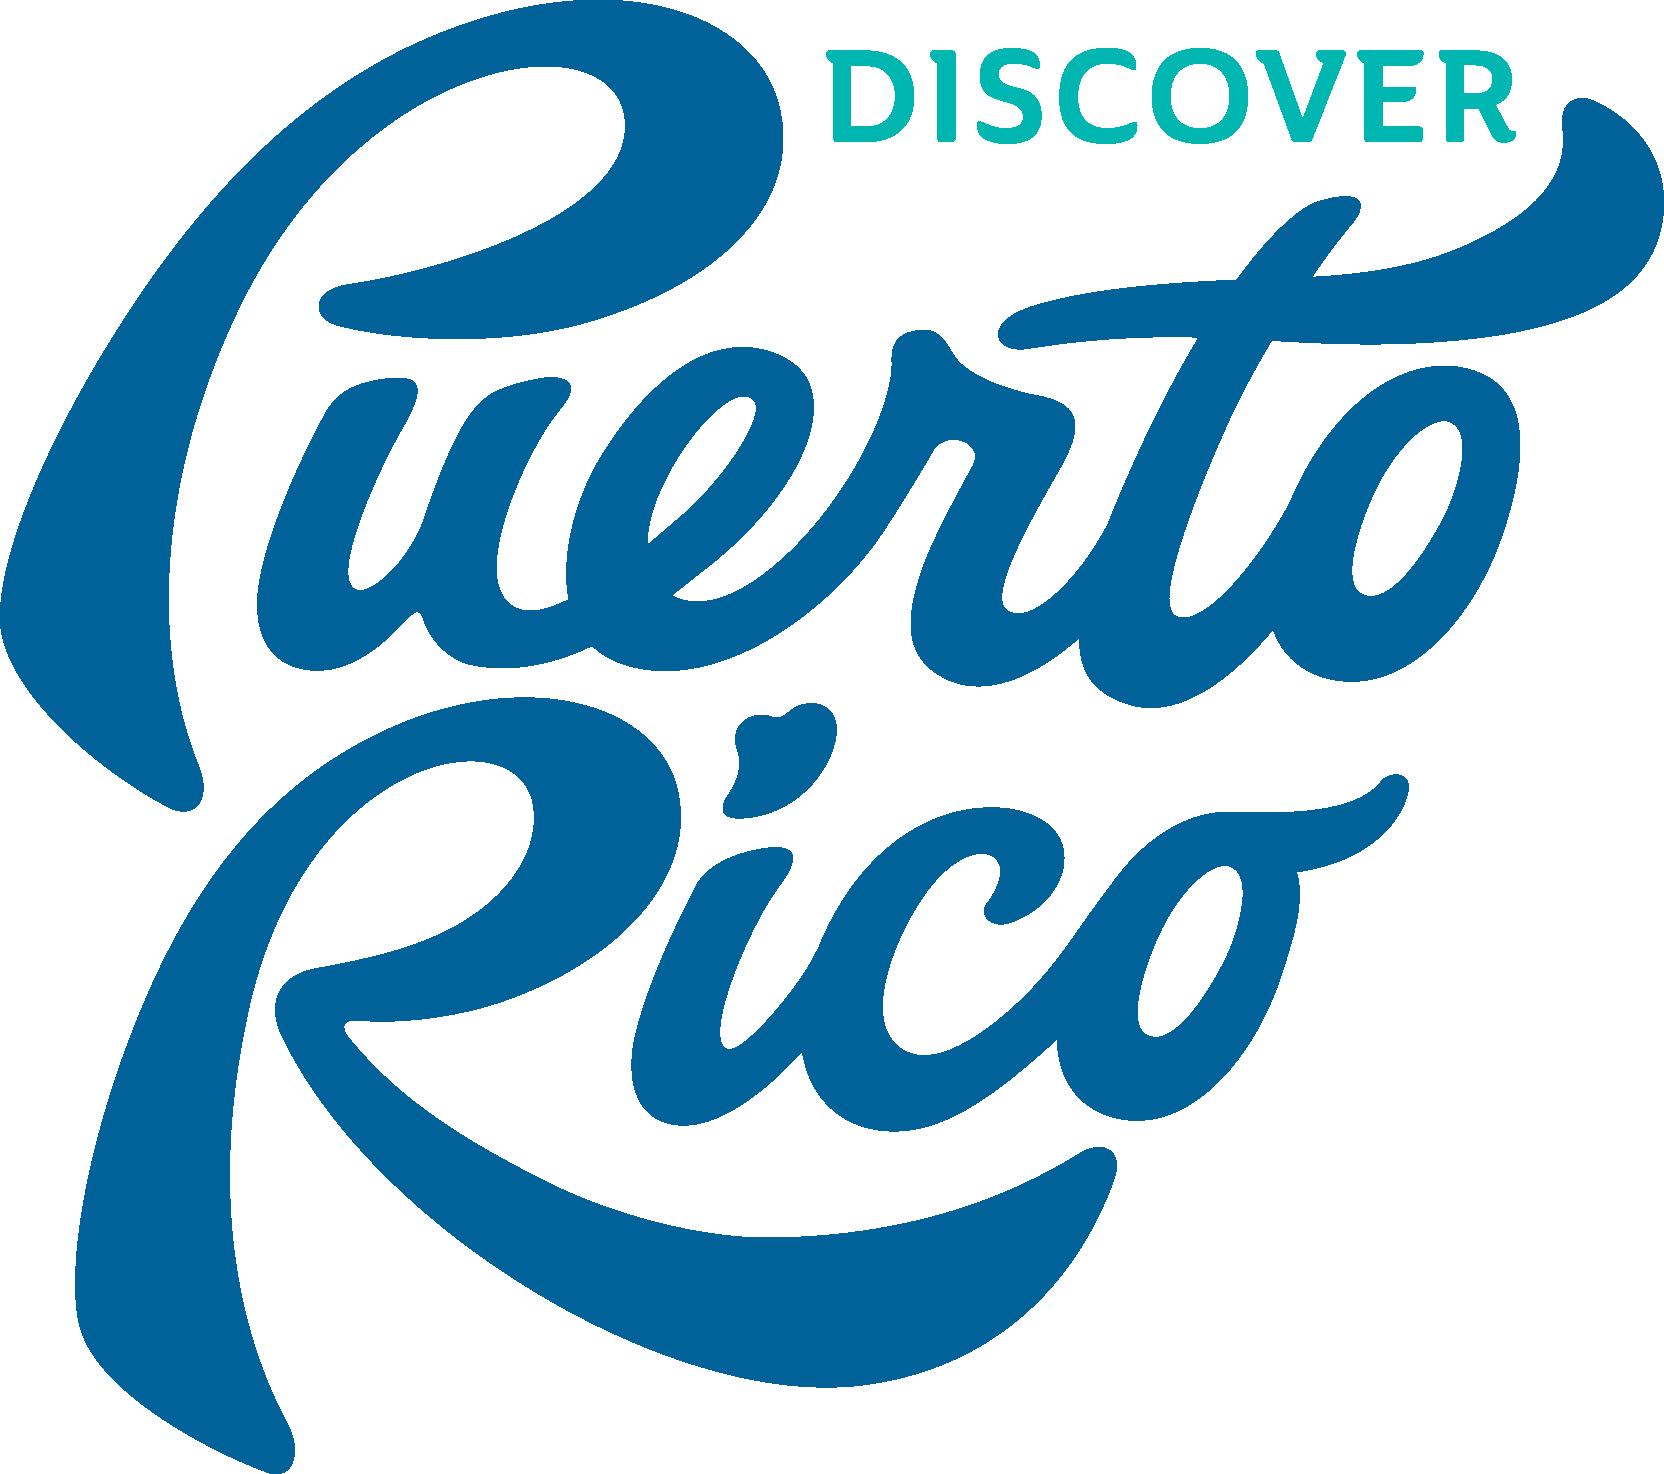 Discover Puerto Rico logo